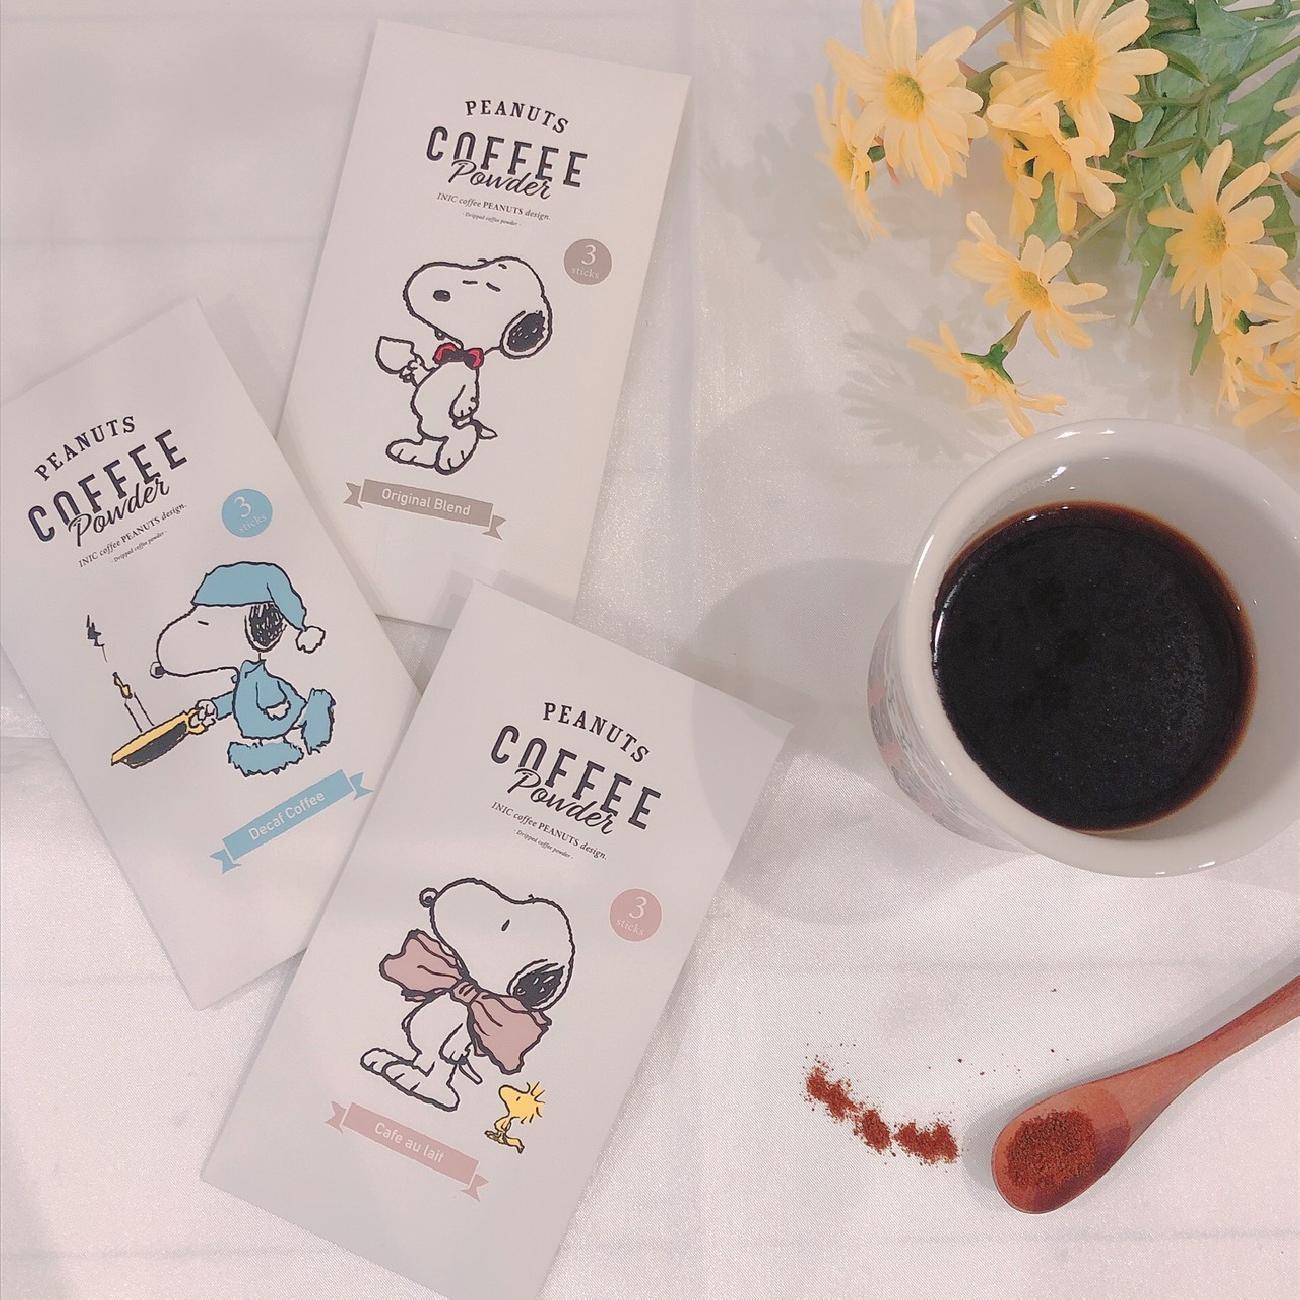 コーヒー/カフェオレ/おやつ/おやつタイム/おうちカフェ/おいしい/癒しの時間/リラックスタイム/おうち時間